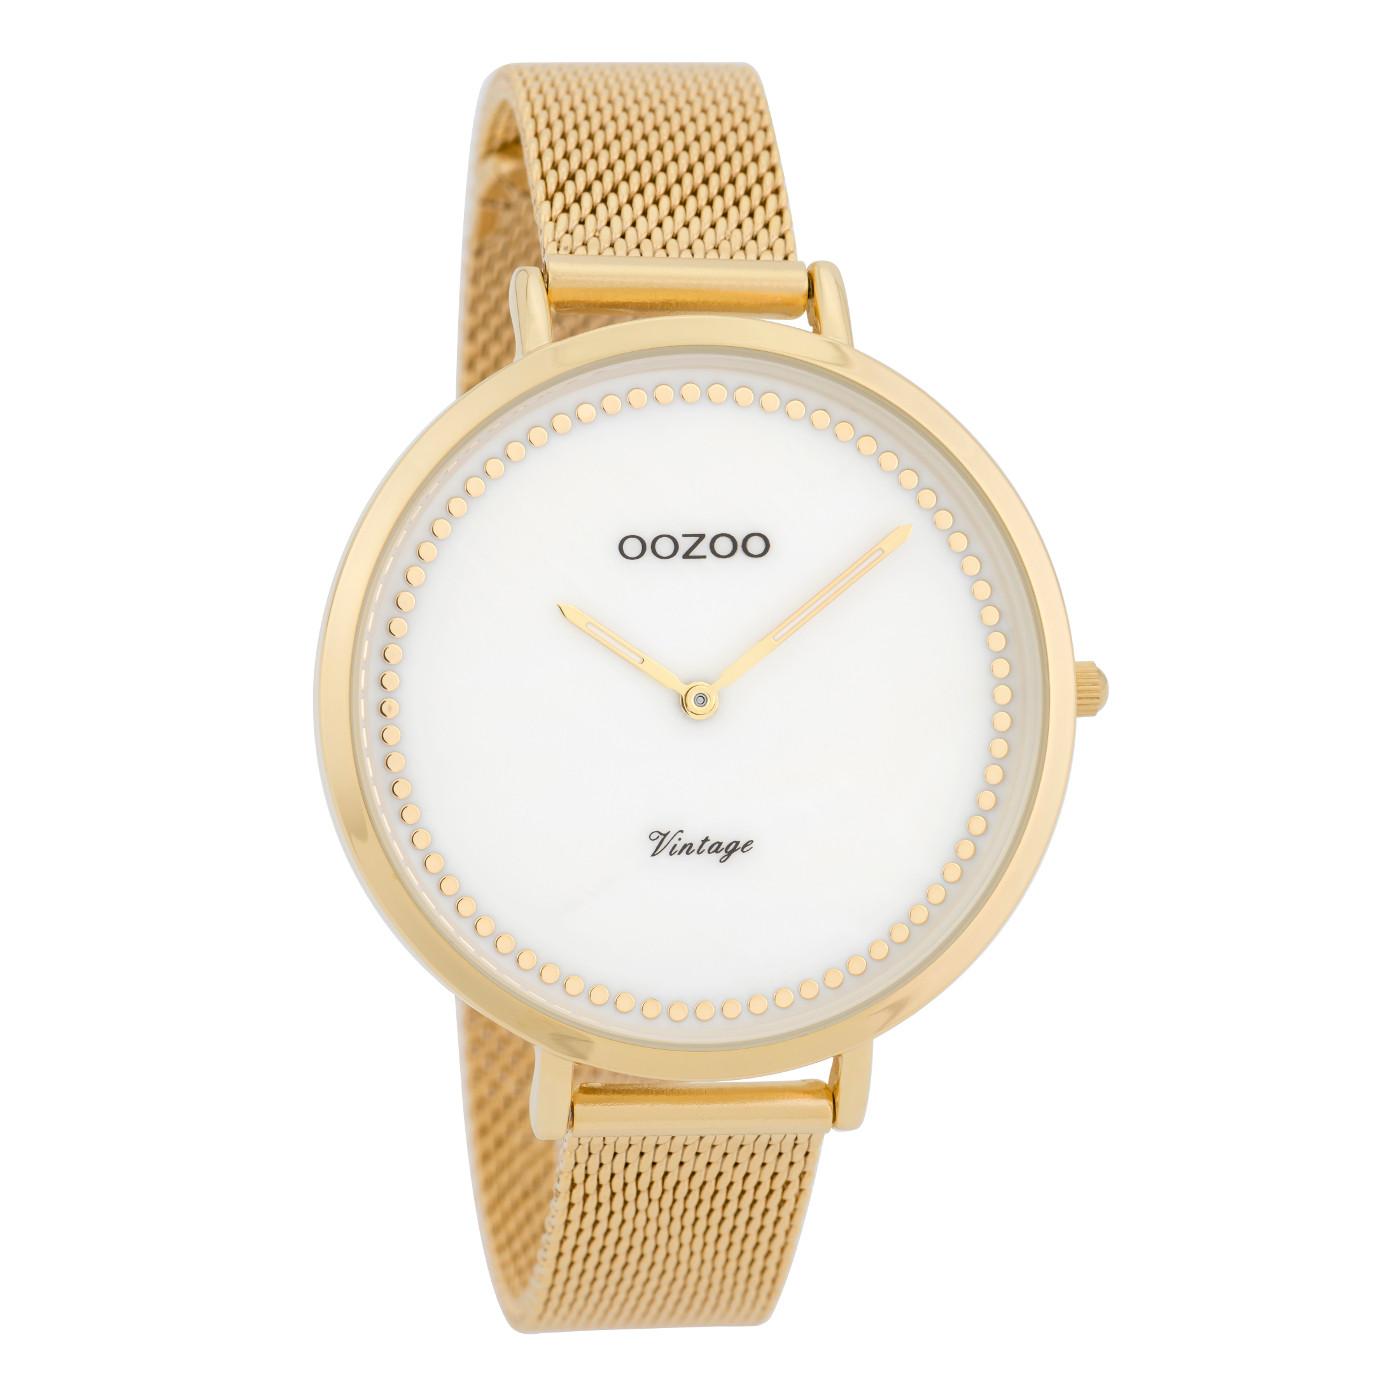 OOZOO Vintage Goudkleurig/Wit horloge C9857 (40 mm)